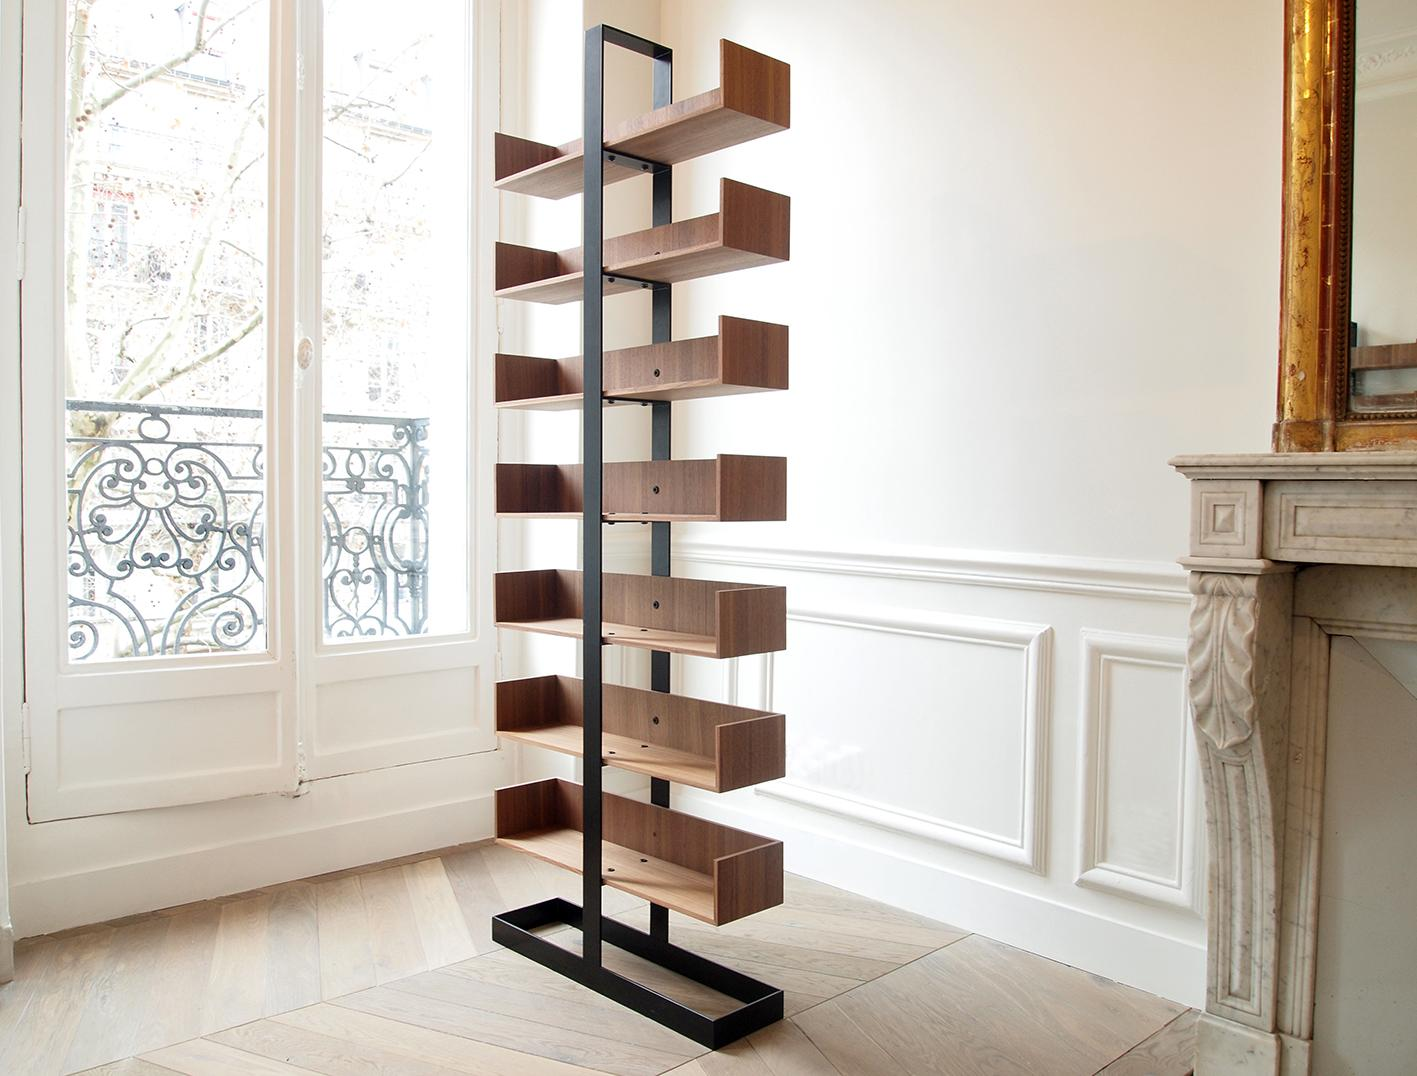 Les meubles design d alex de rouvray paperblog for Les meubles design